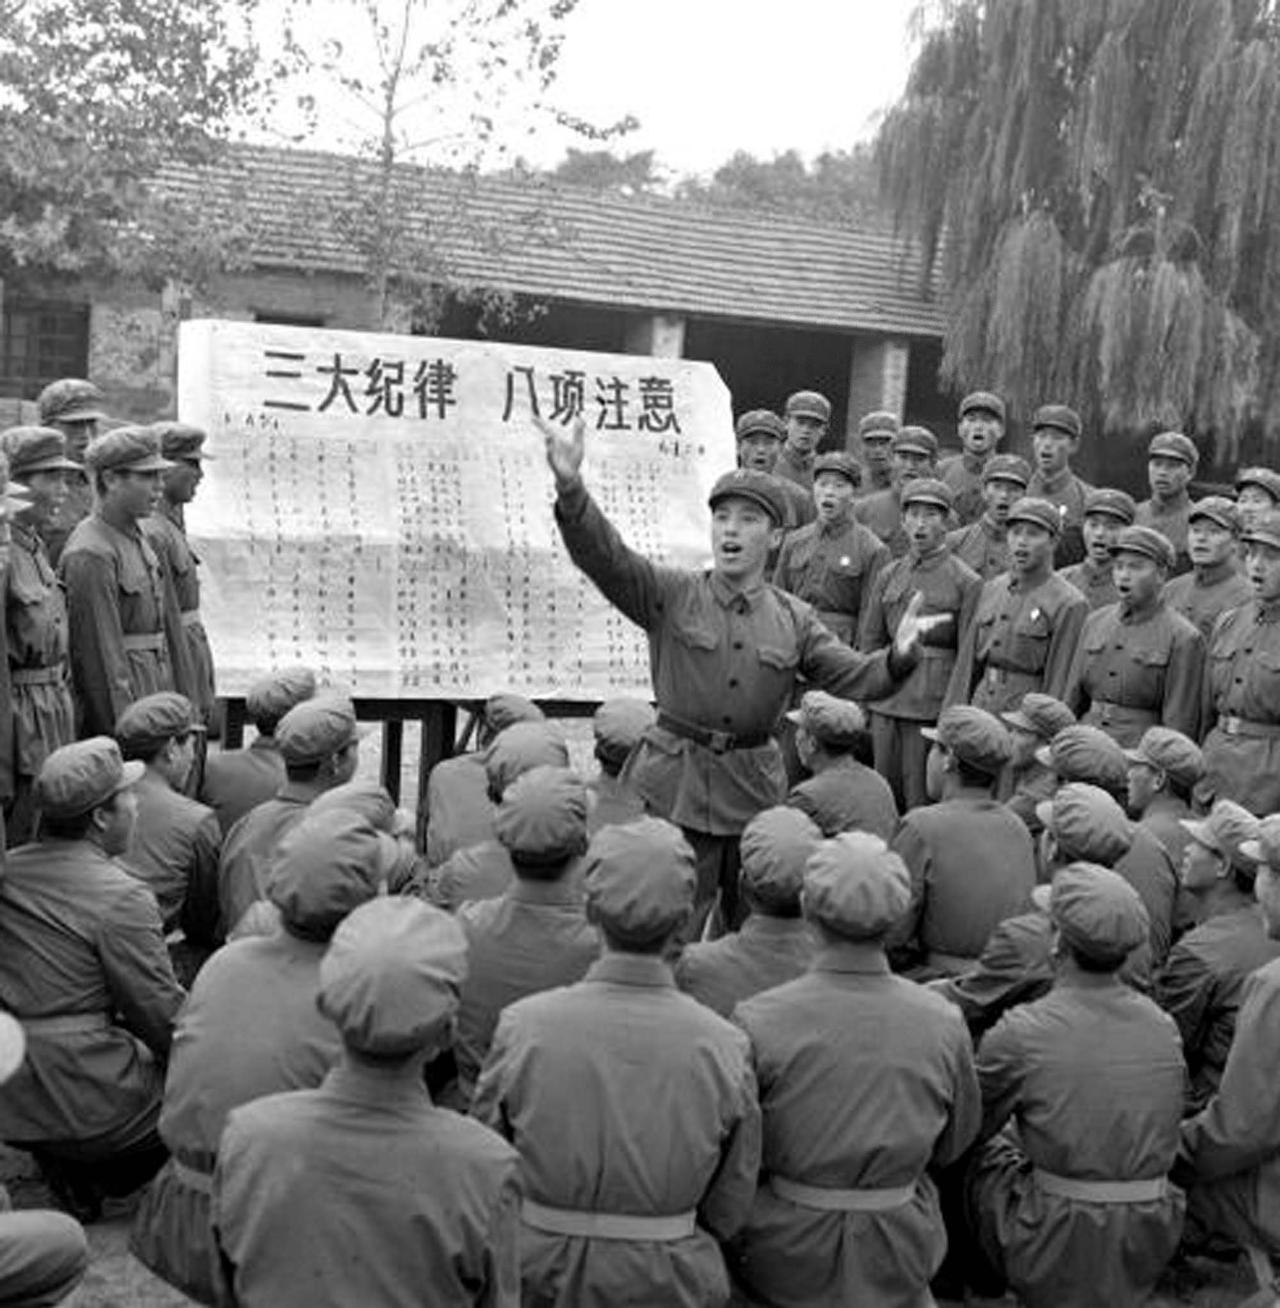 战士在演唱《三大纪律八项注意》(资料照片)